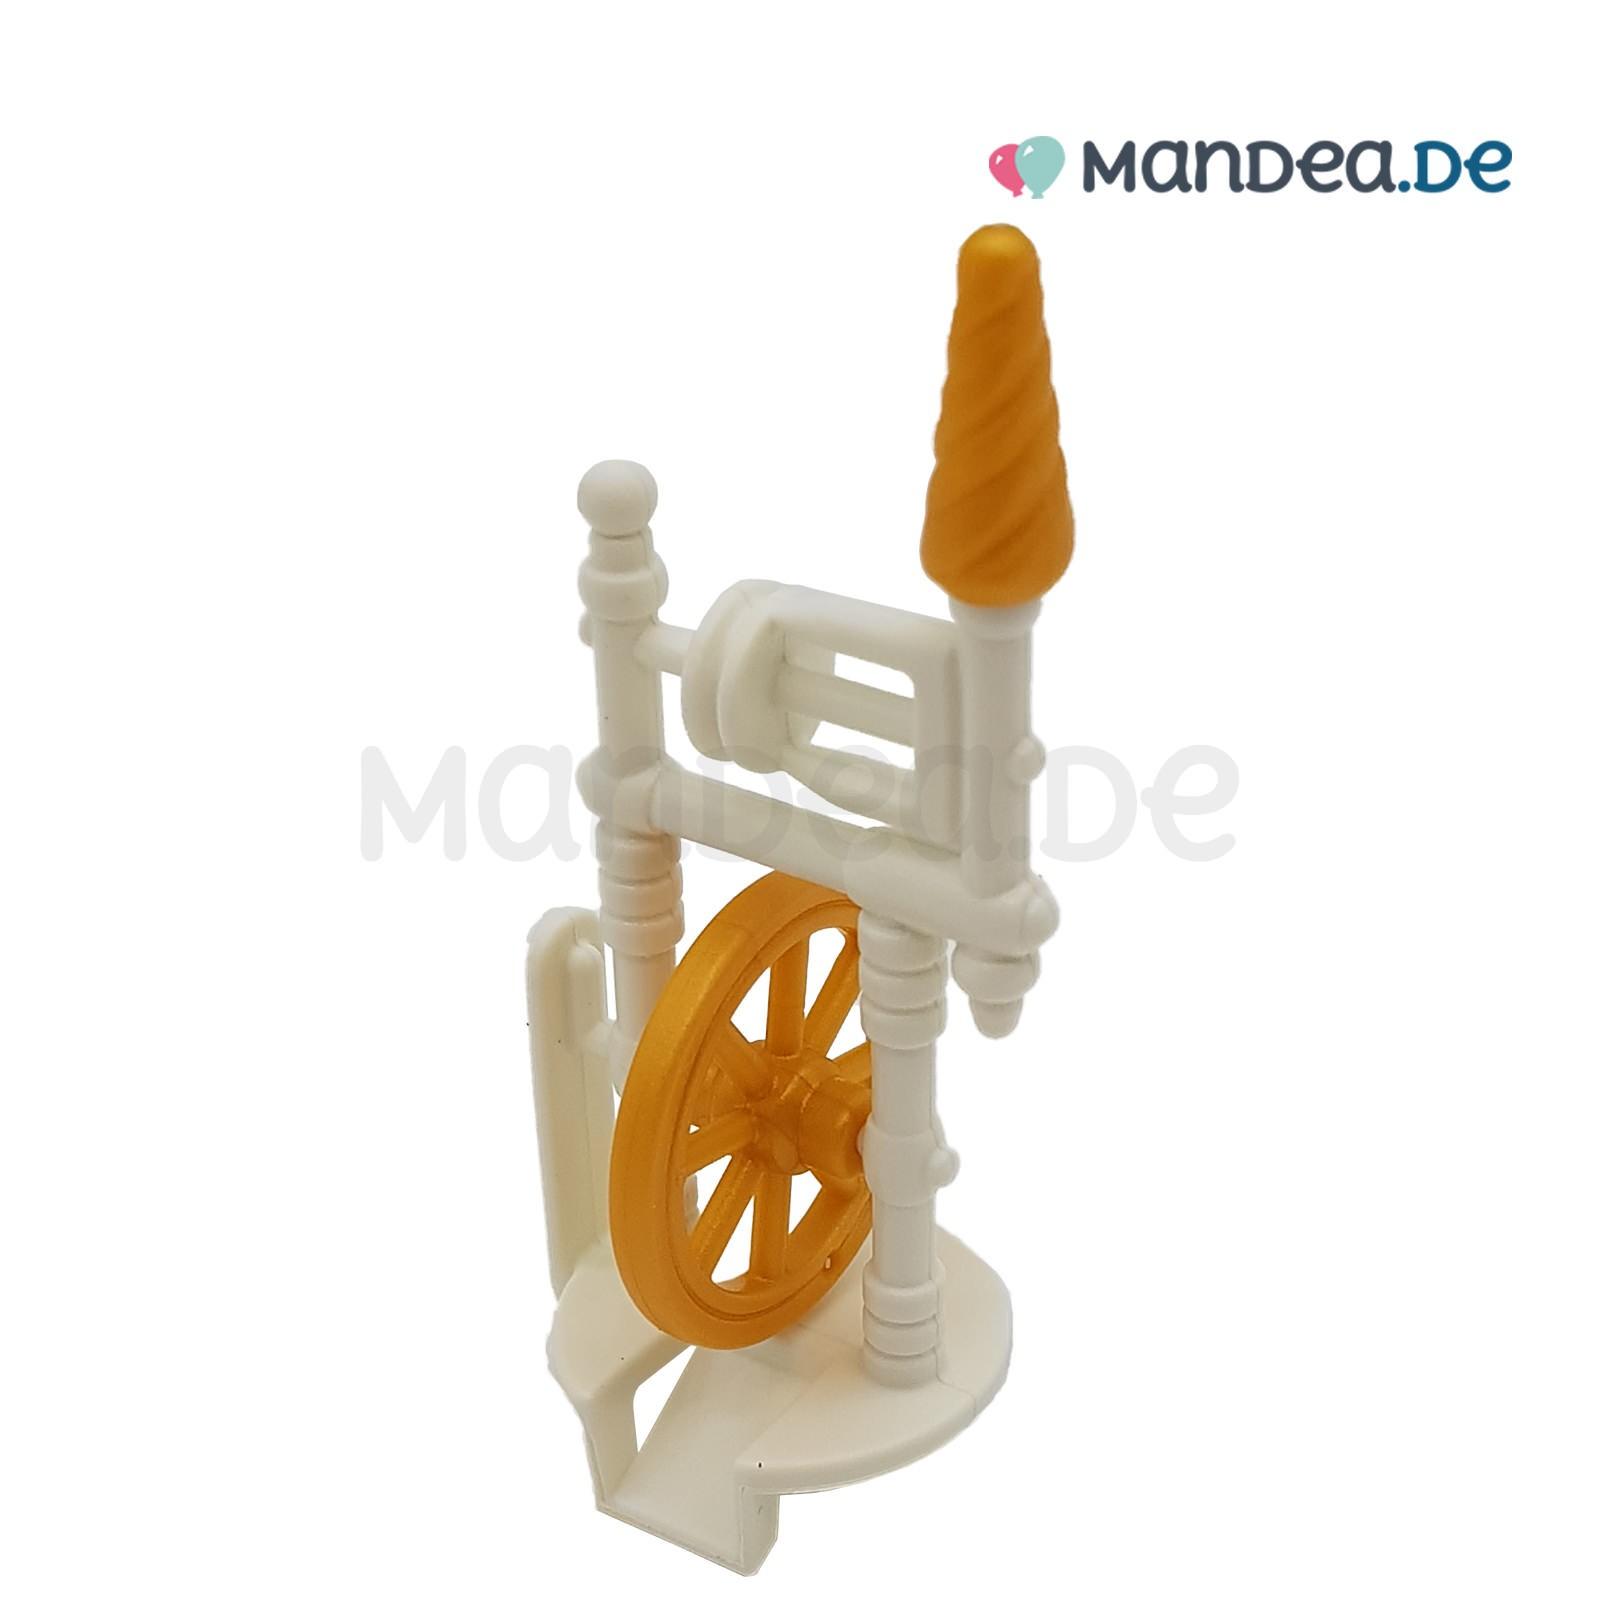 playmobil spinnrad 30604242 g nstig online kaufen. Black Bedroom Furniture Sets. Home Design Ideas